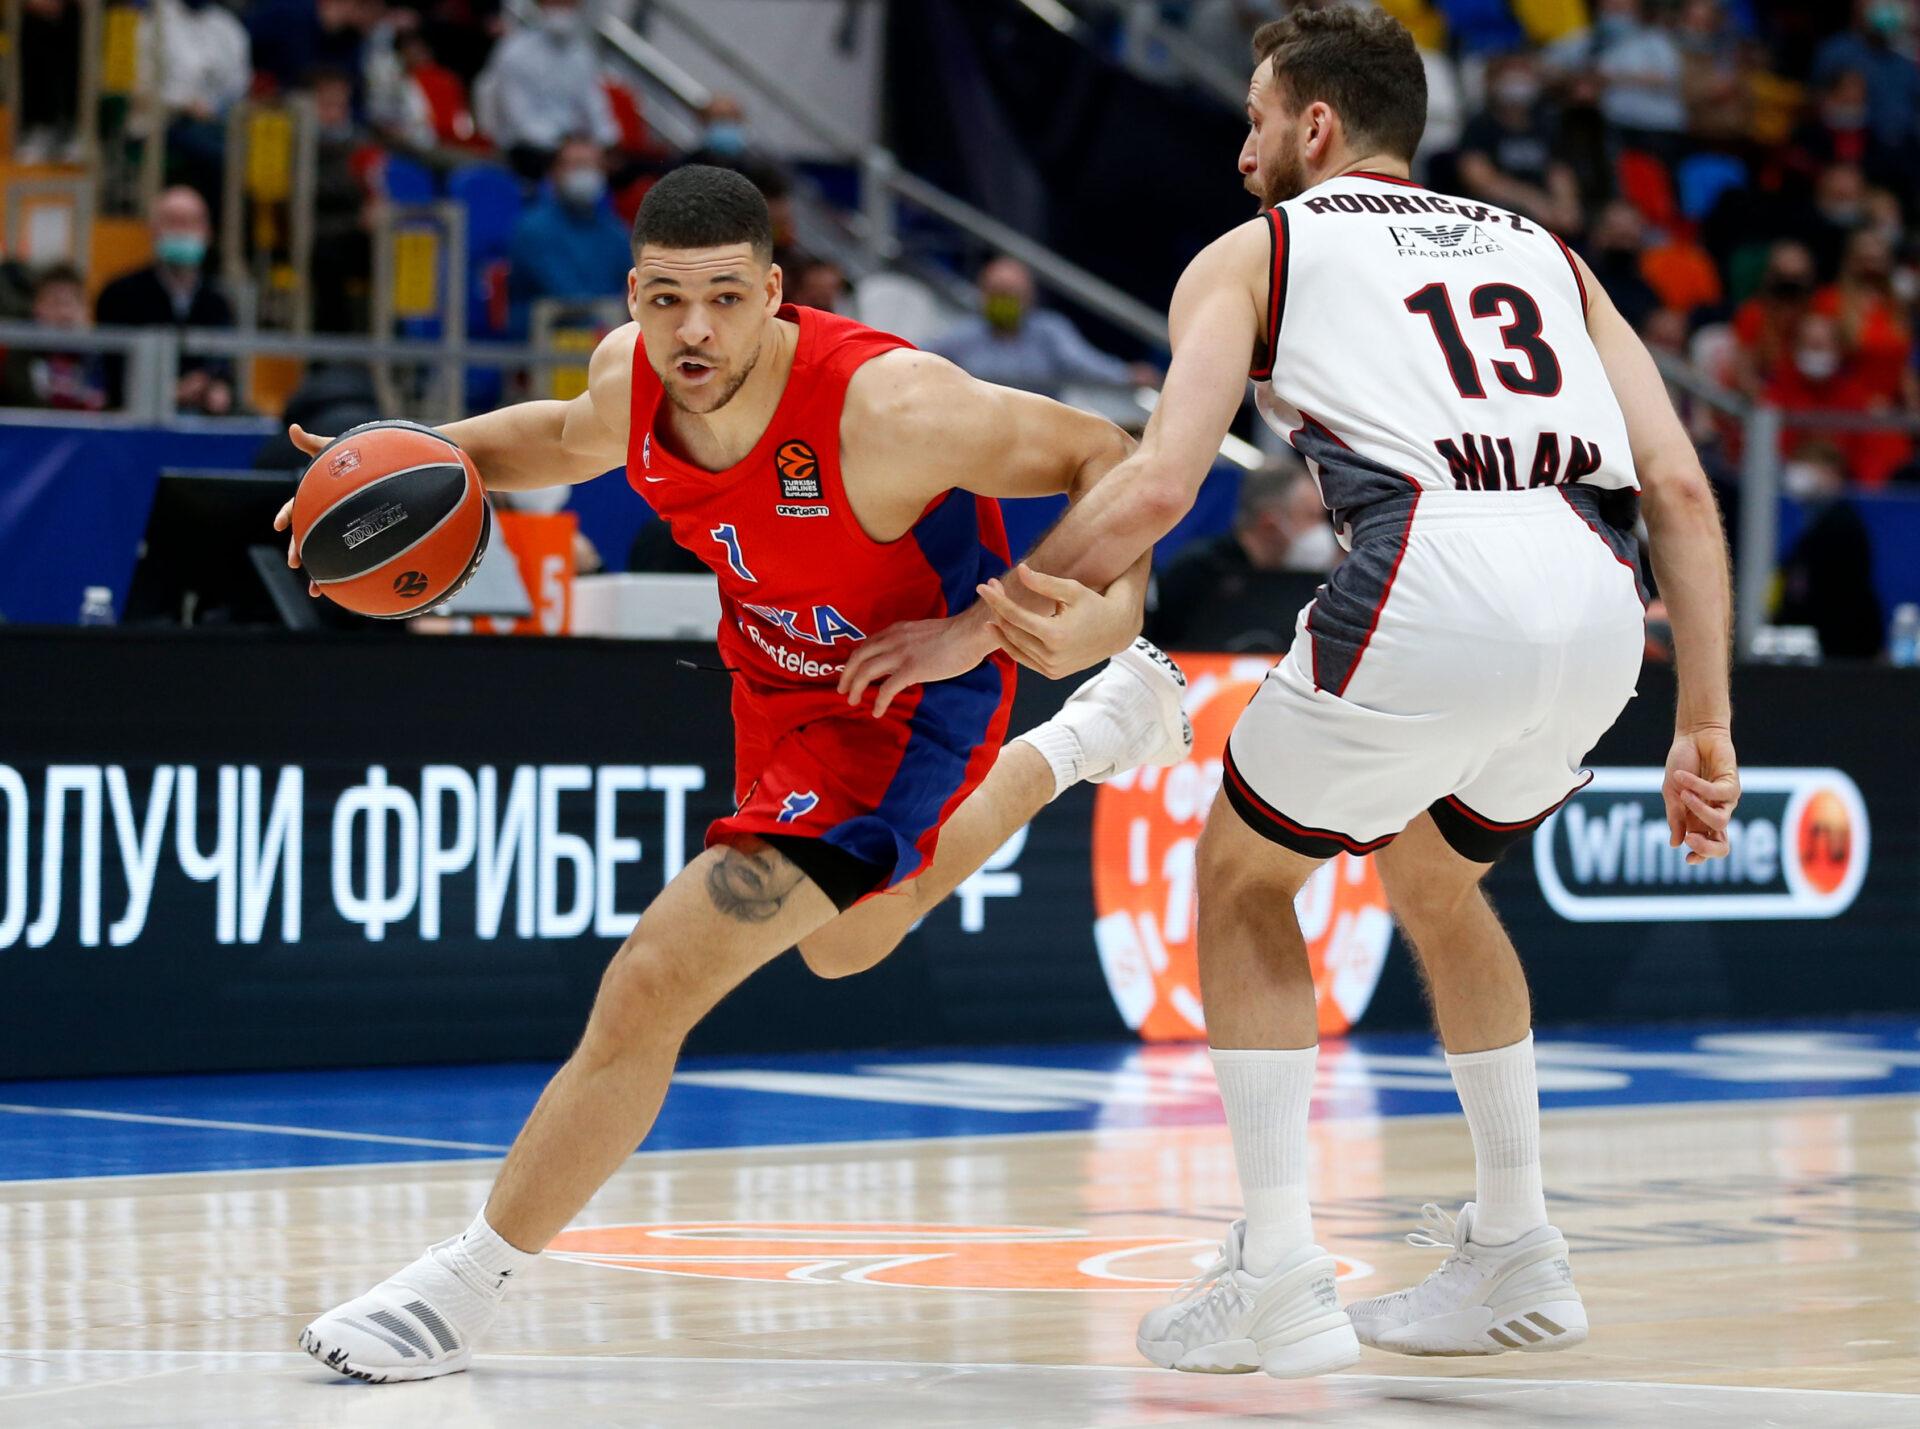 Både Lundberg og Shields misser EuroLeague finale